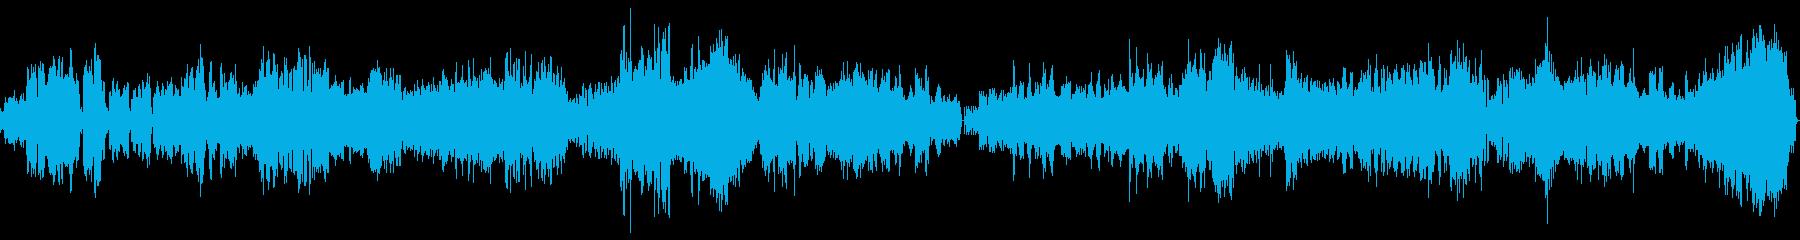 「偉大な芸術家の思い出」第1楽章の再生済みの波形